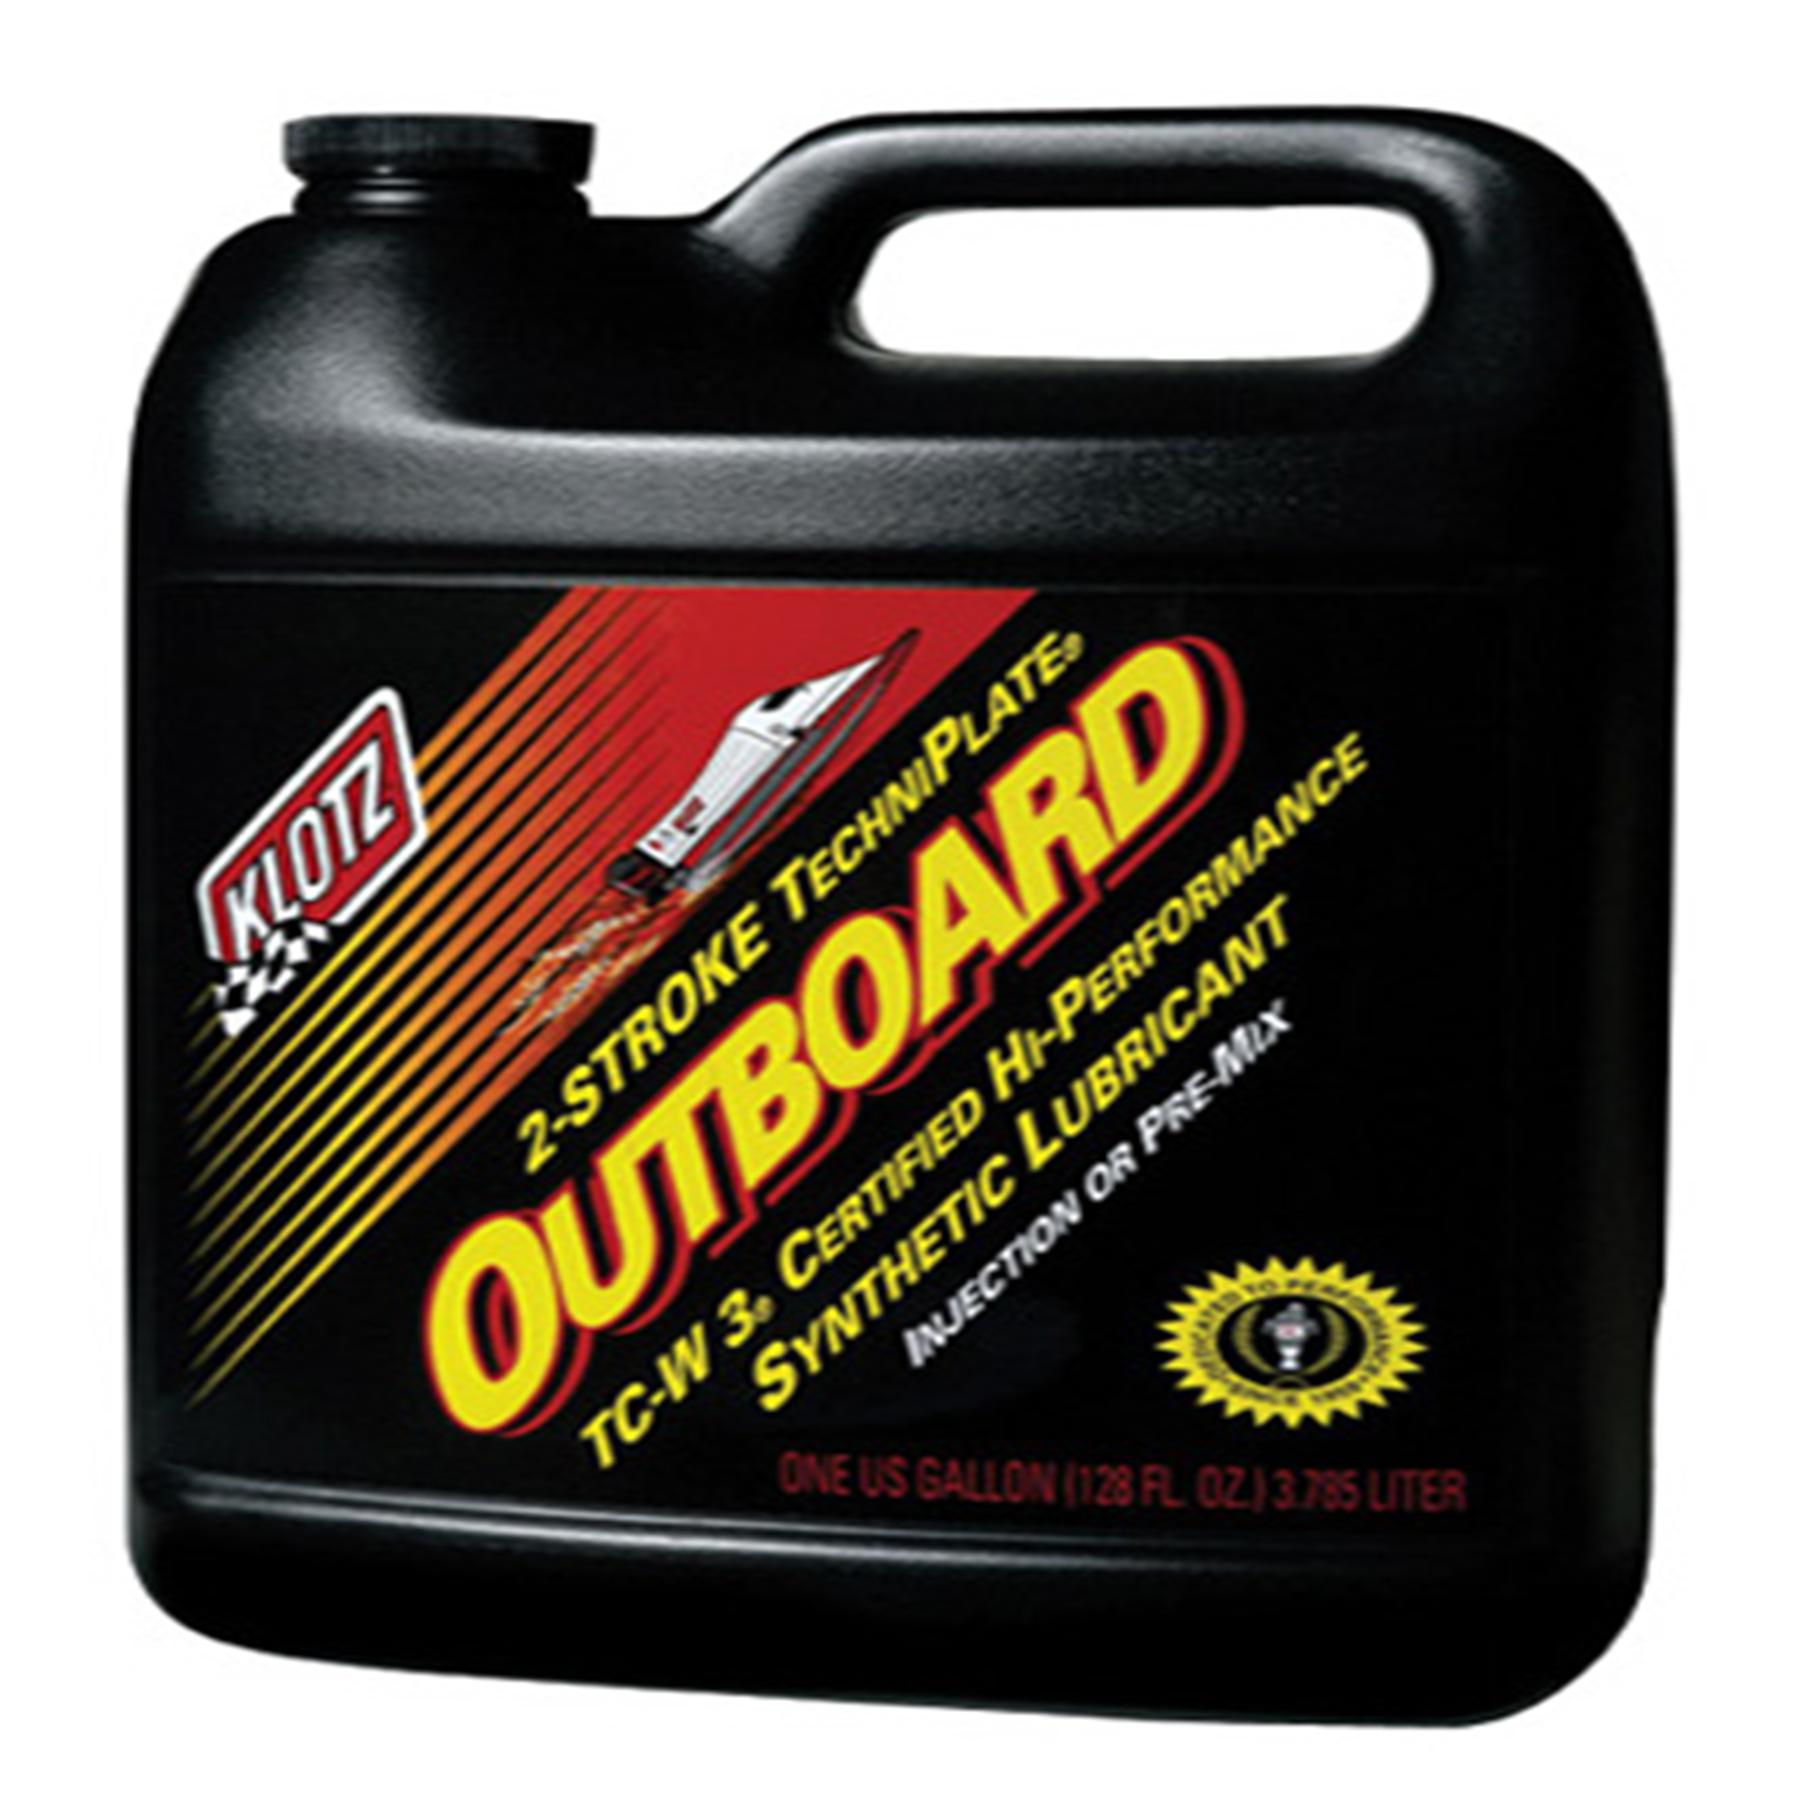 KLOTZ OUTBOARD OIL, GALLON